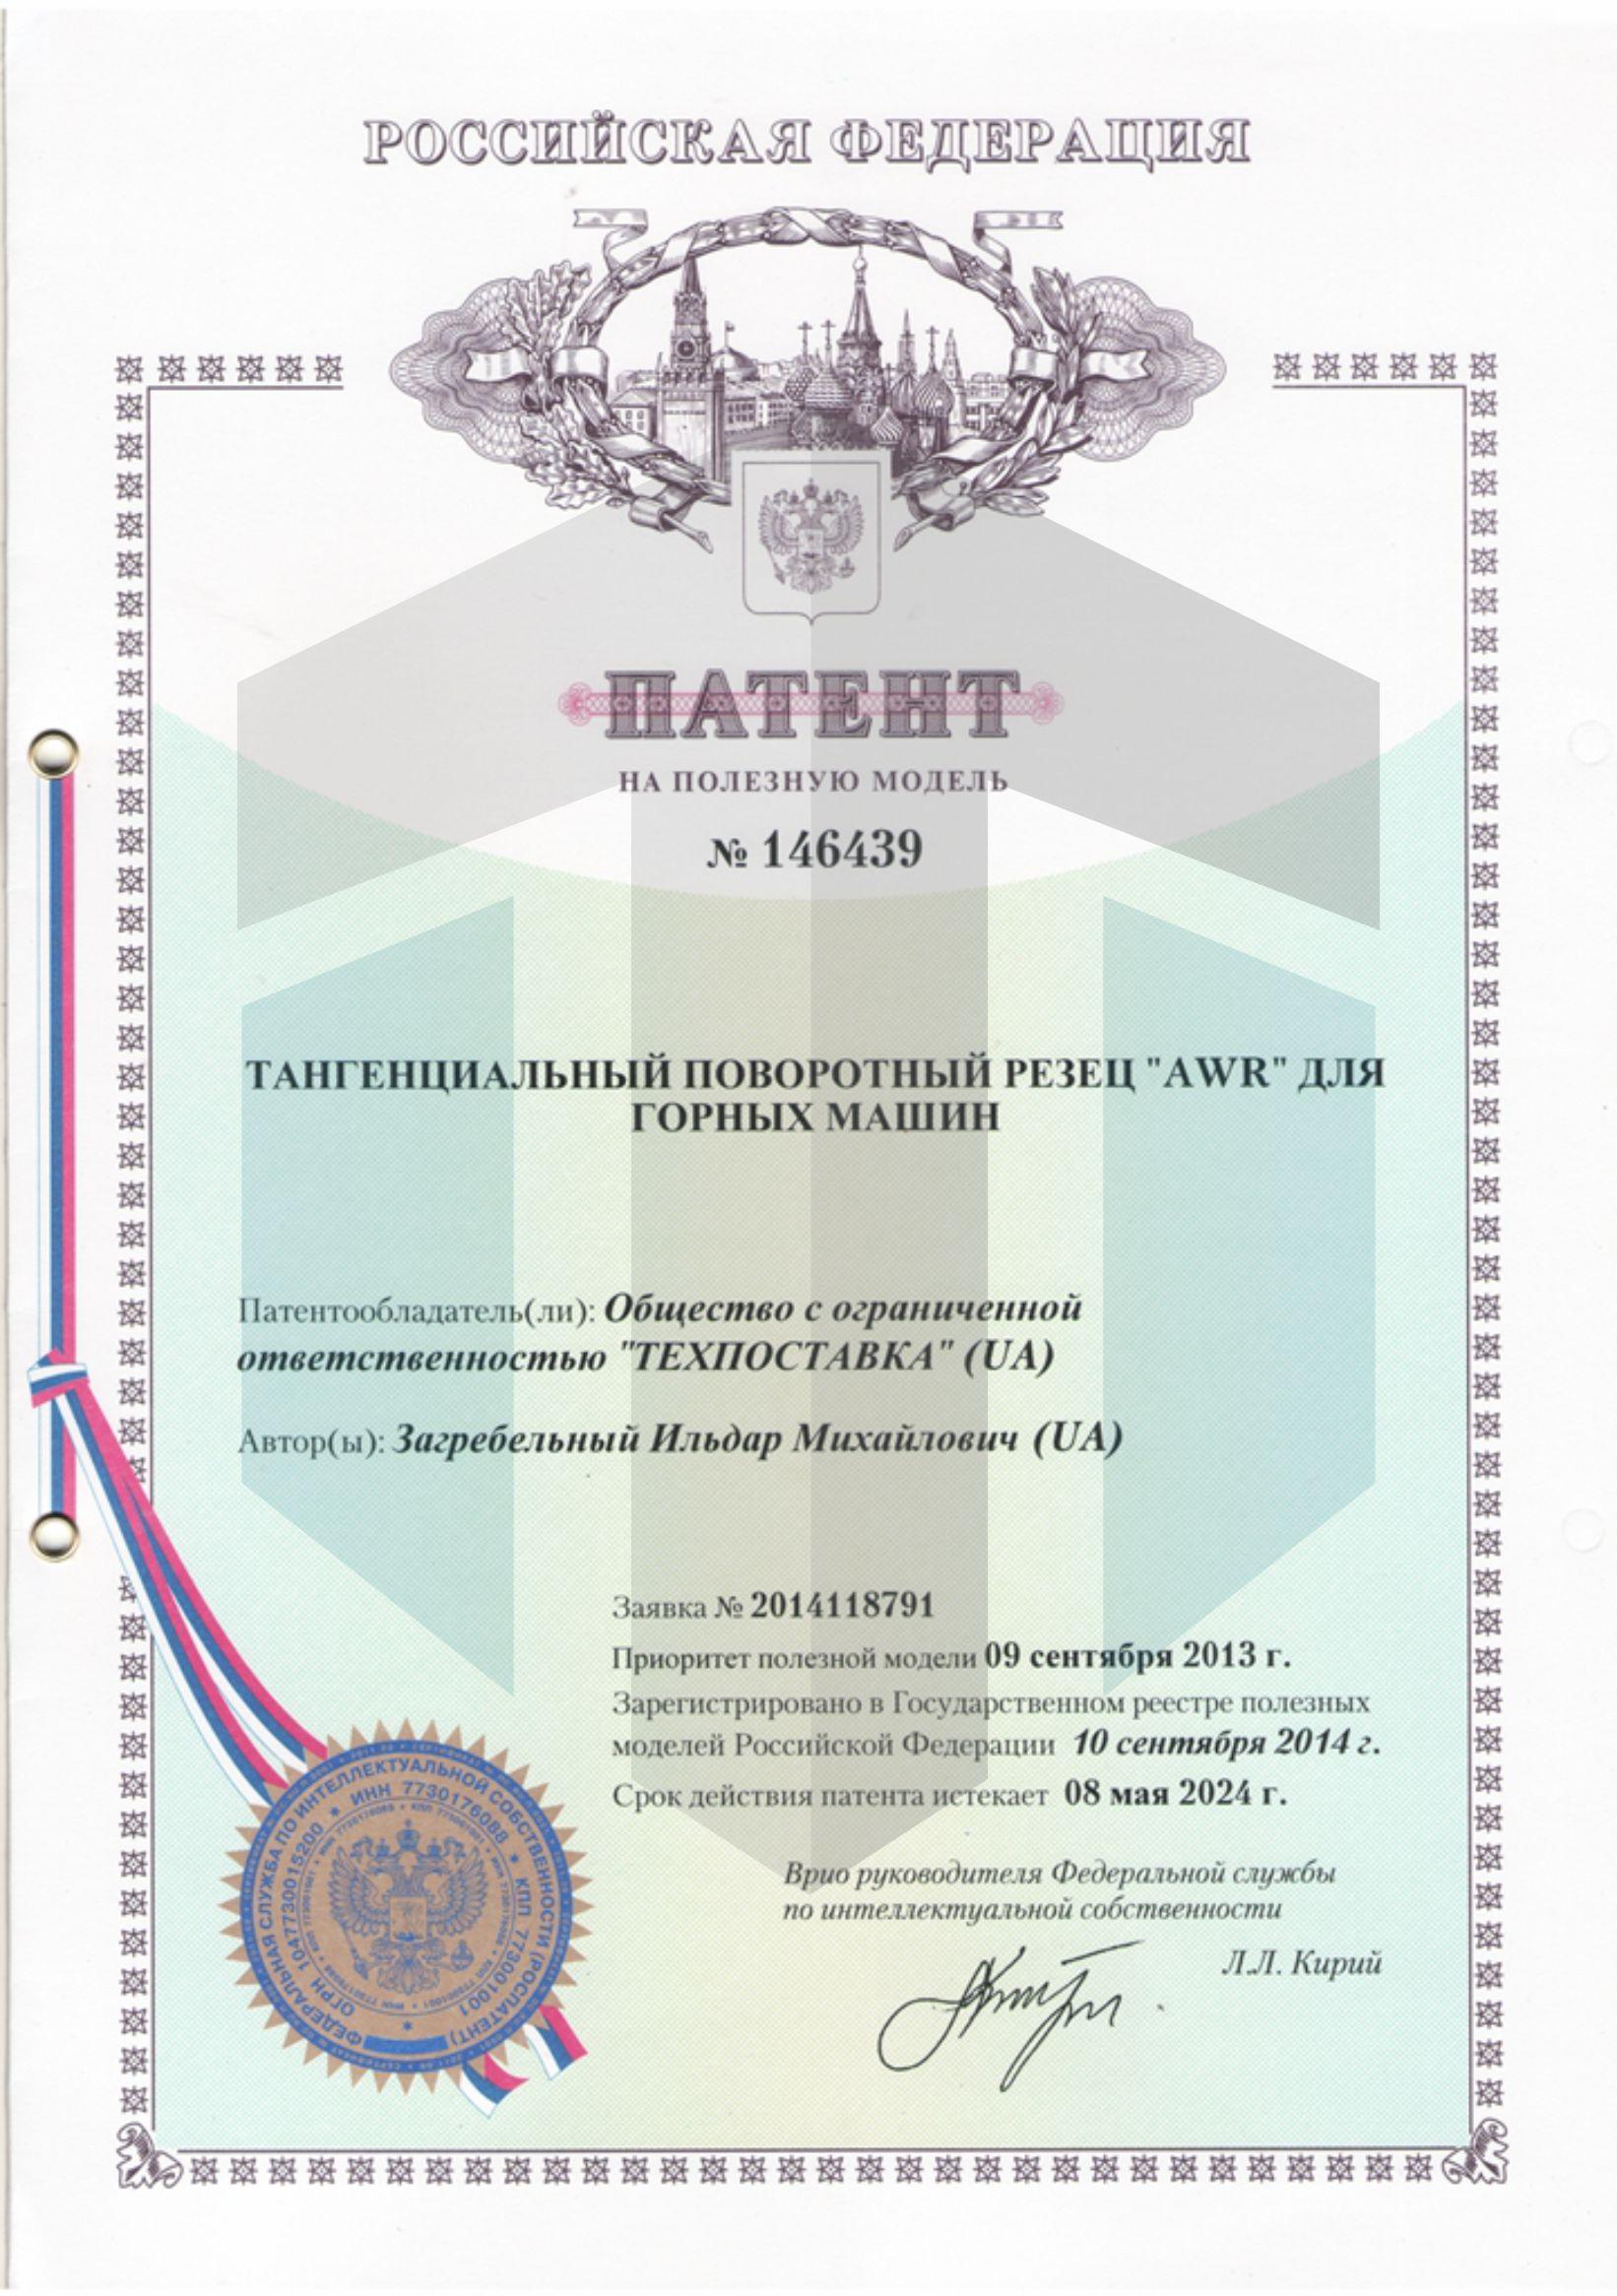 Сертификат соответствия для РФ